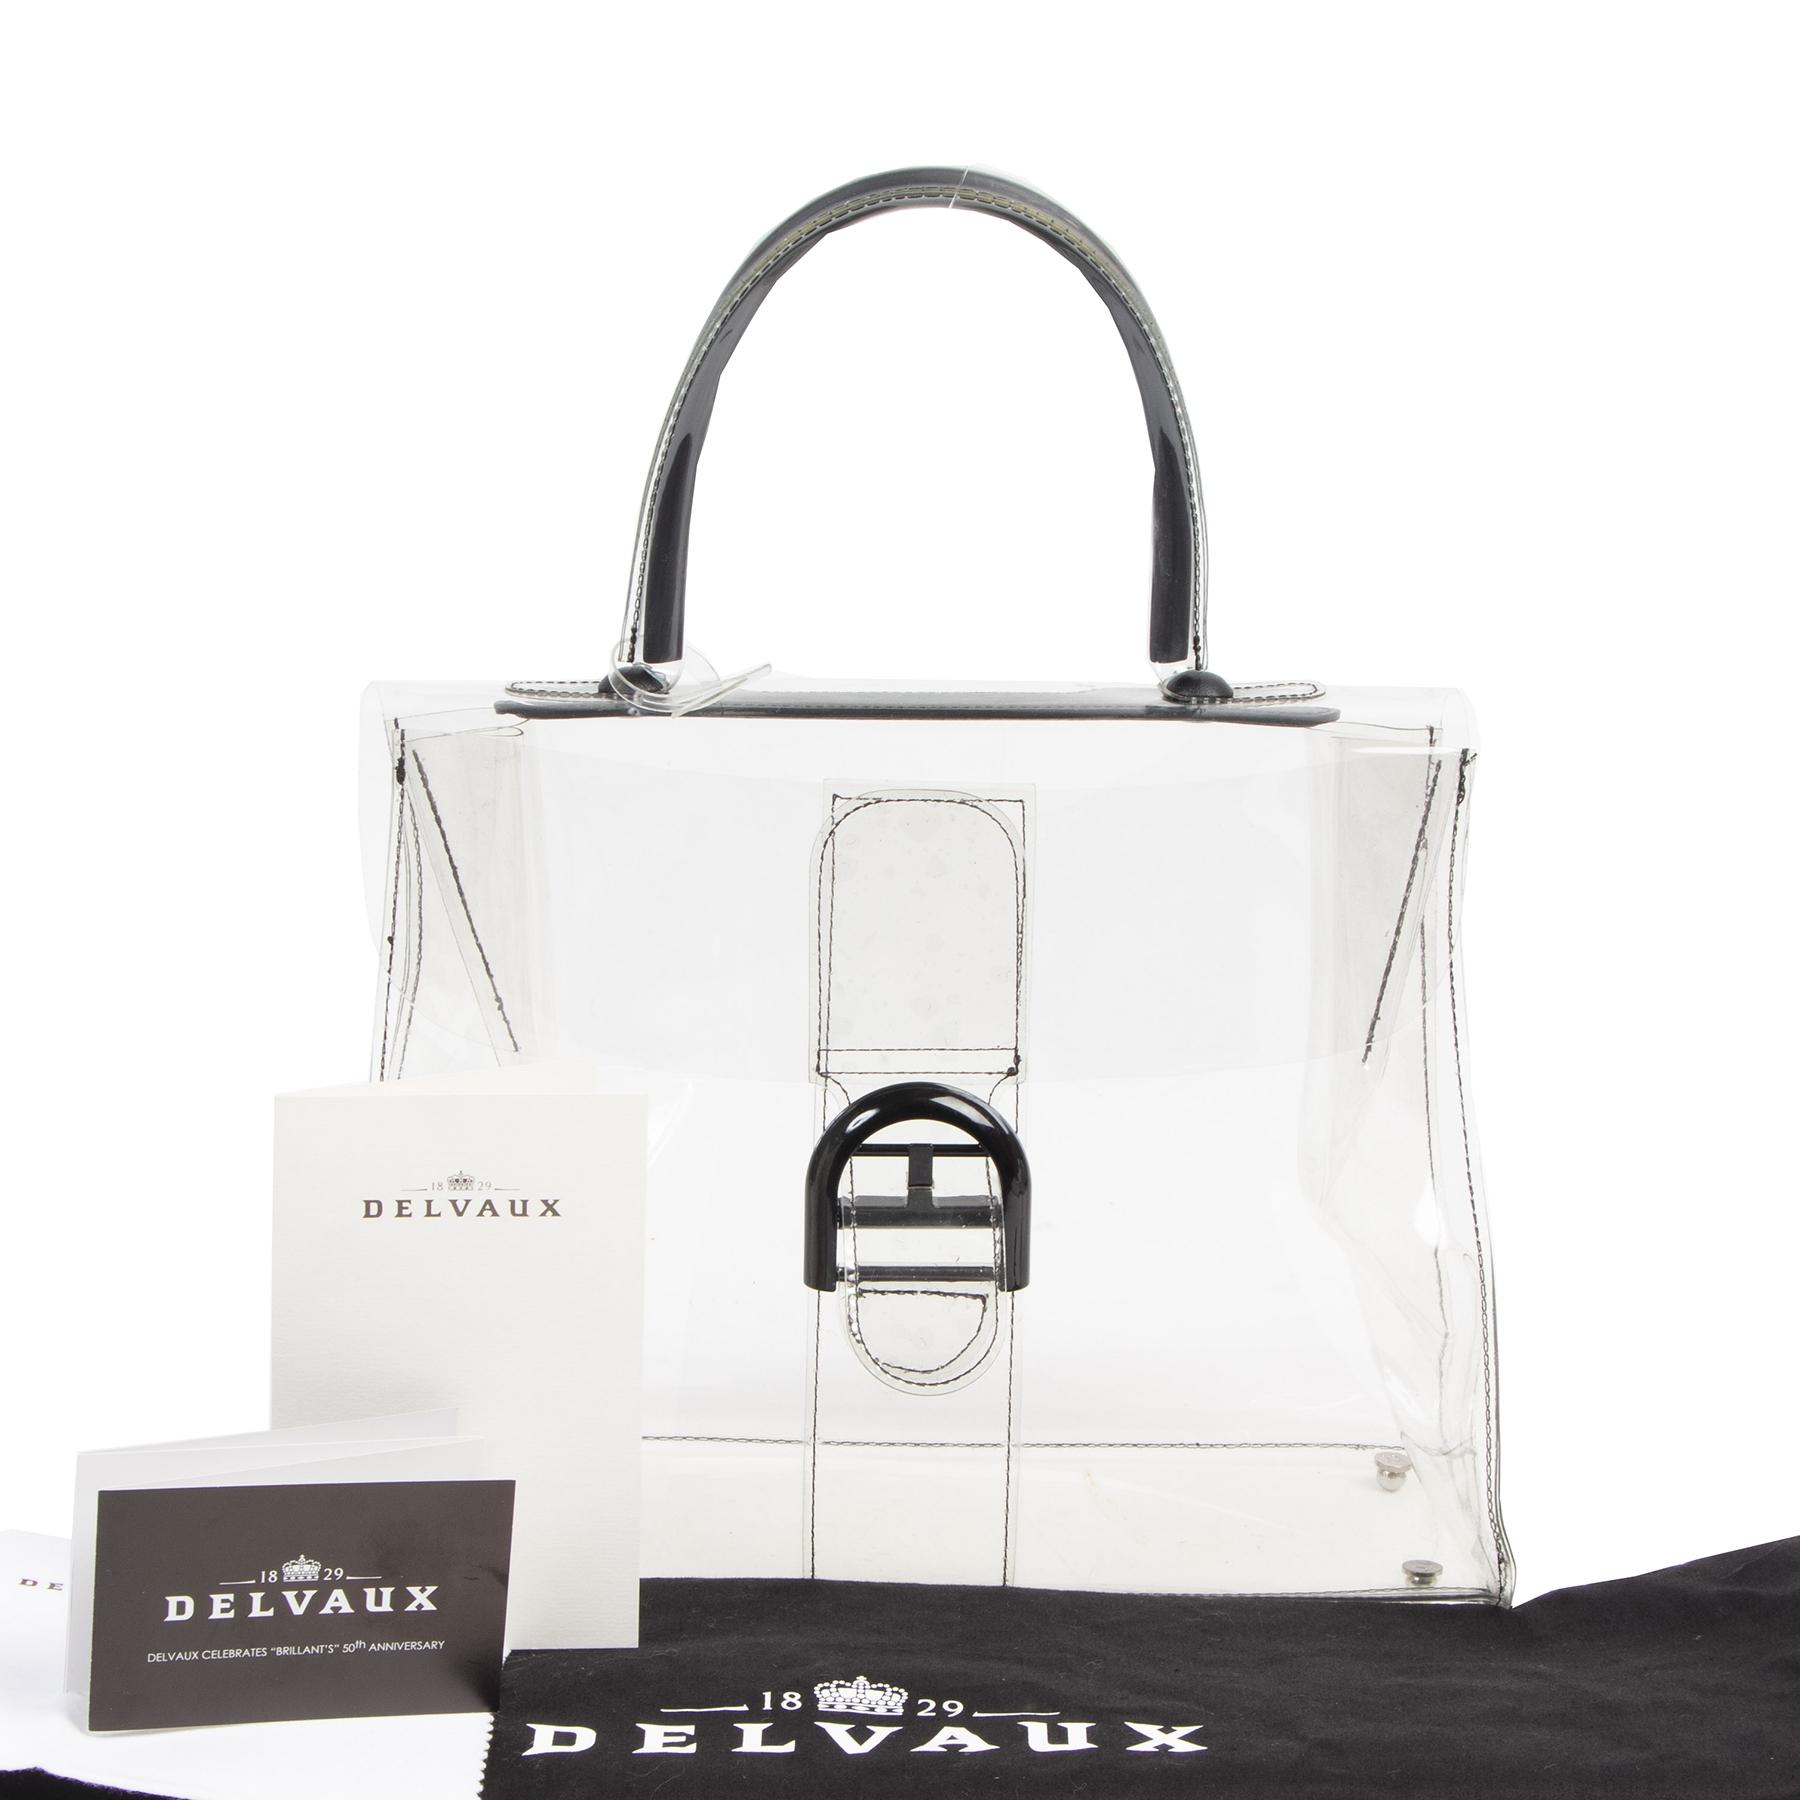 koop online tegen de beste prijs Delvaux Brillant Noces D'or Bag